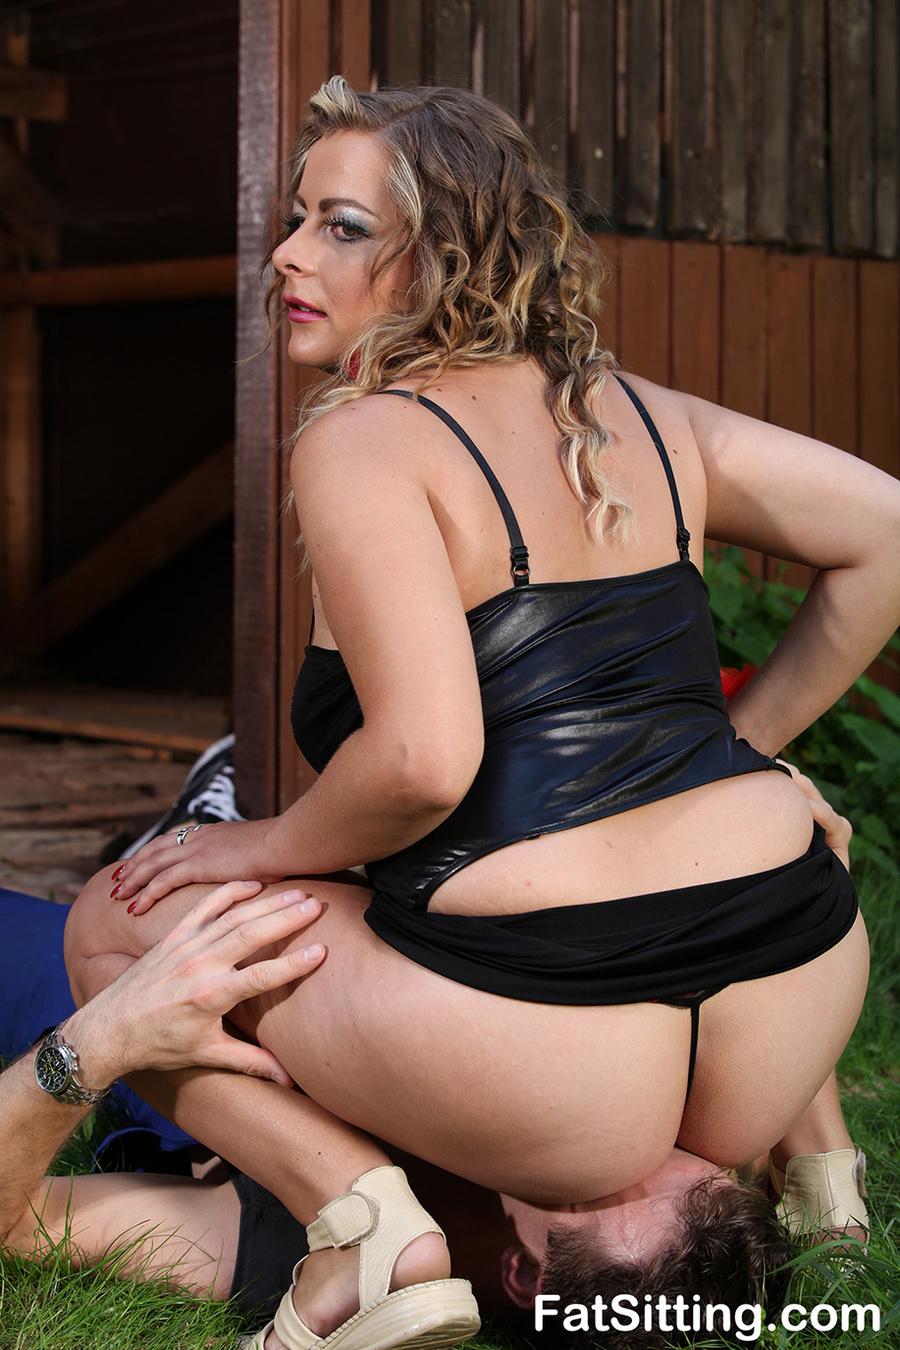 Sara jay double penetration